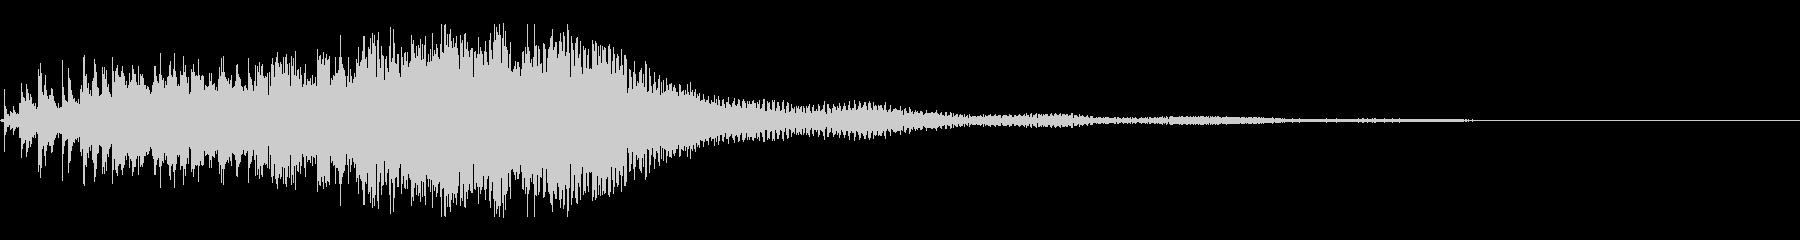 マジカルスパークリンググリス、コメ...の未再生の波形